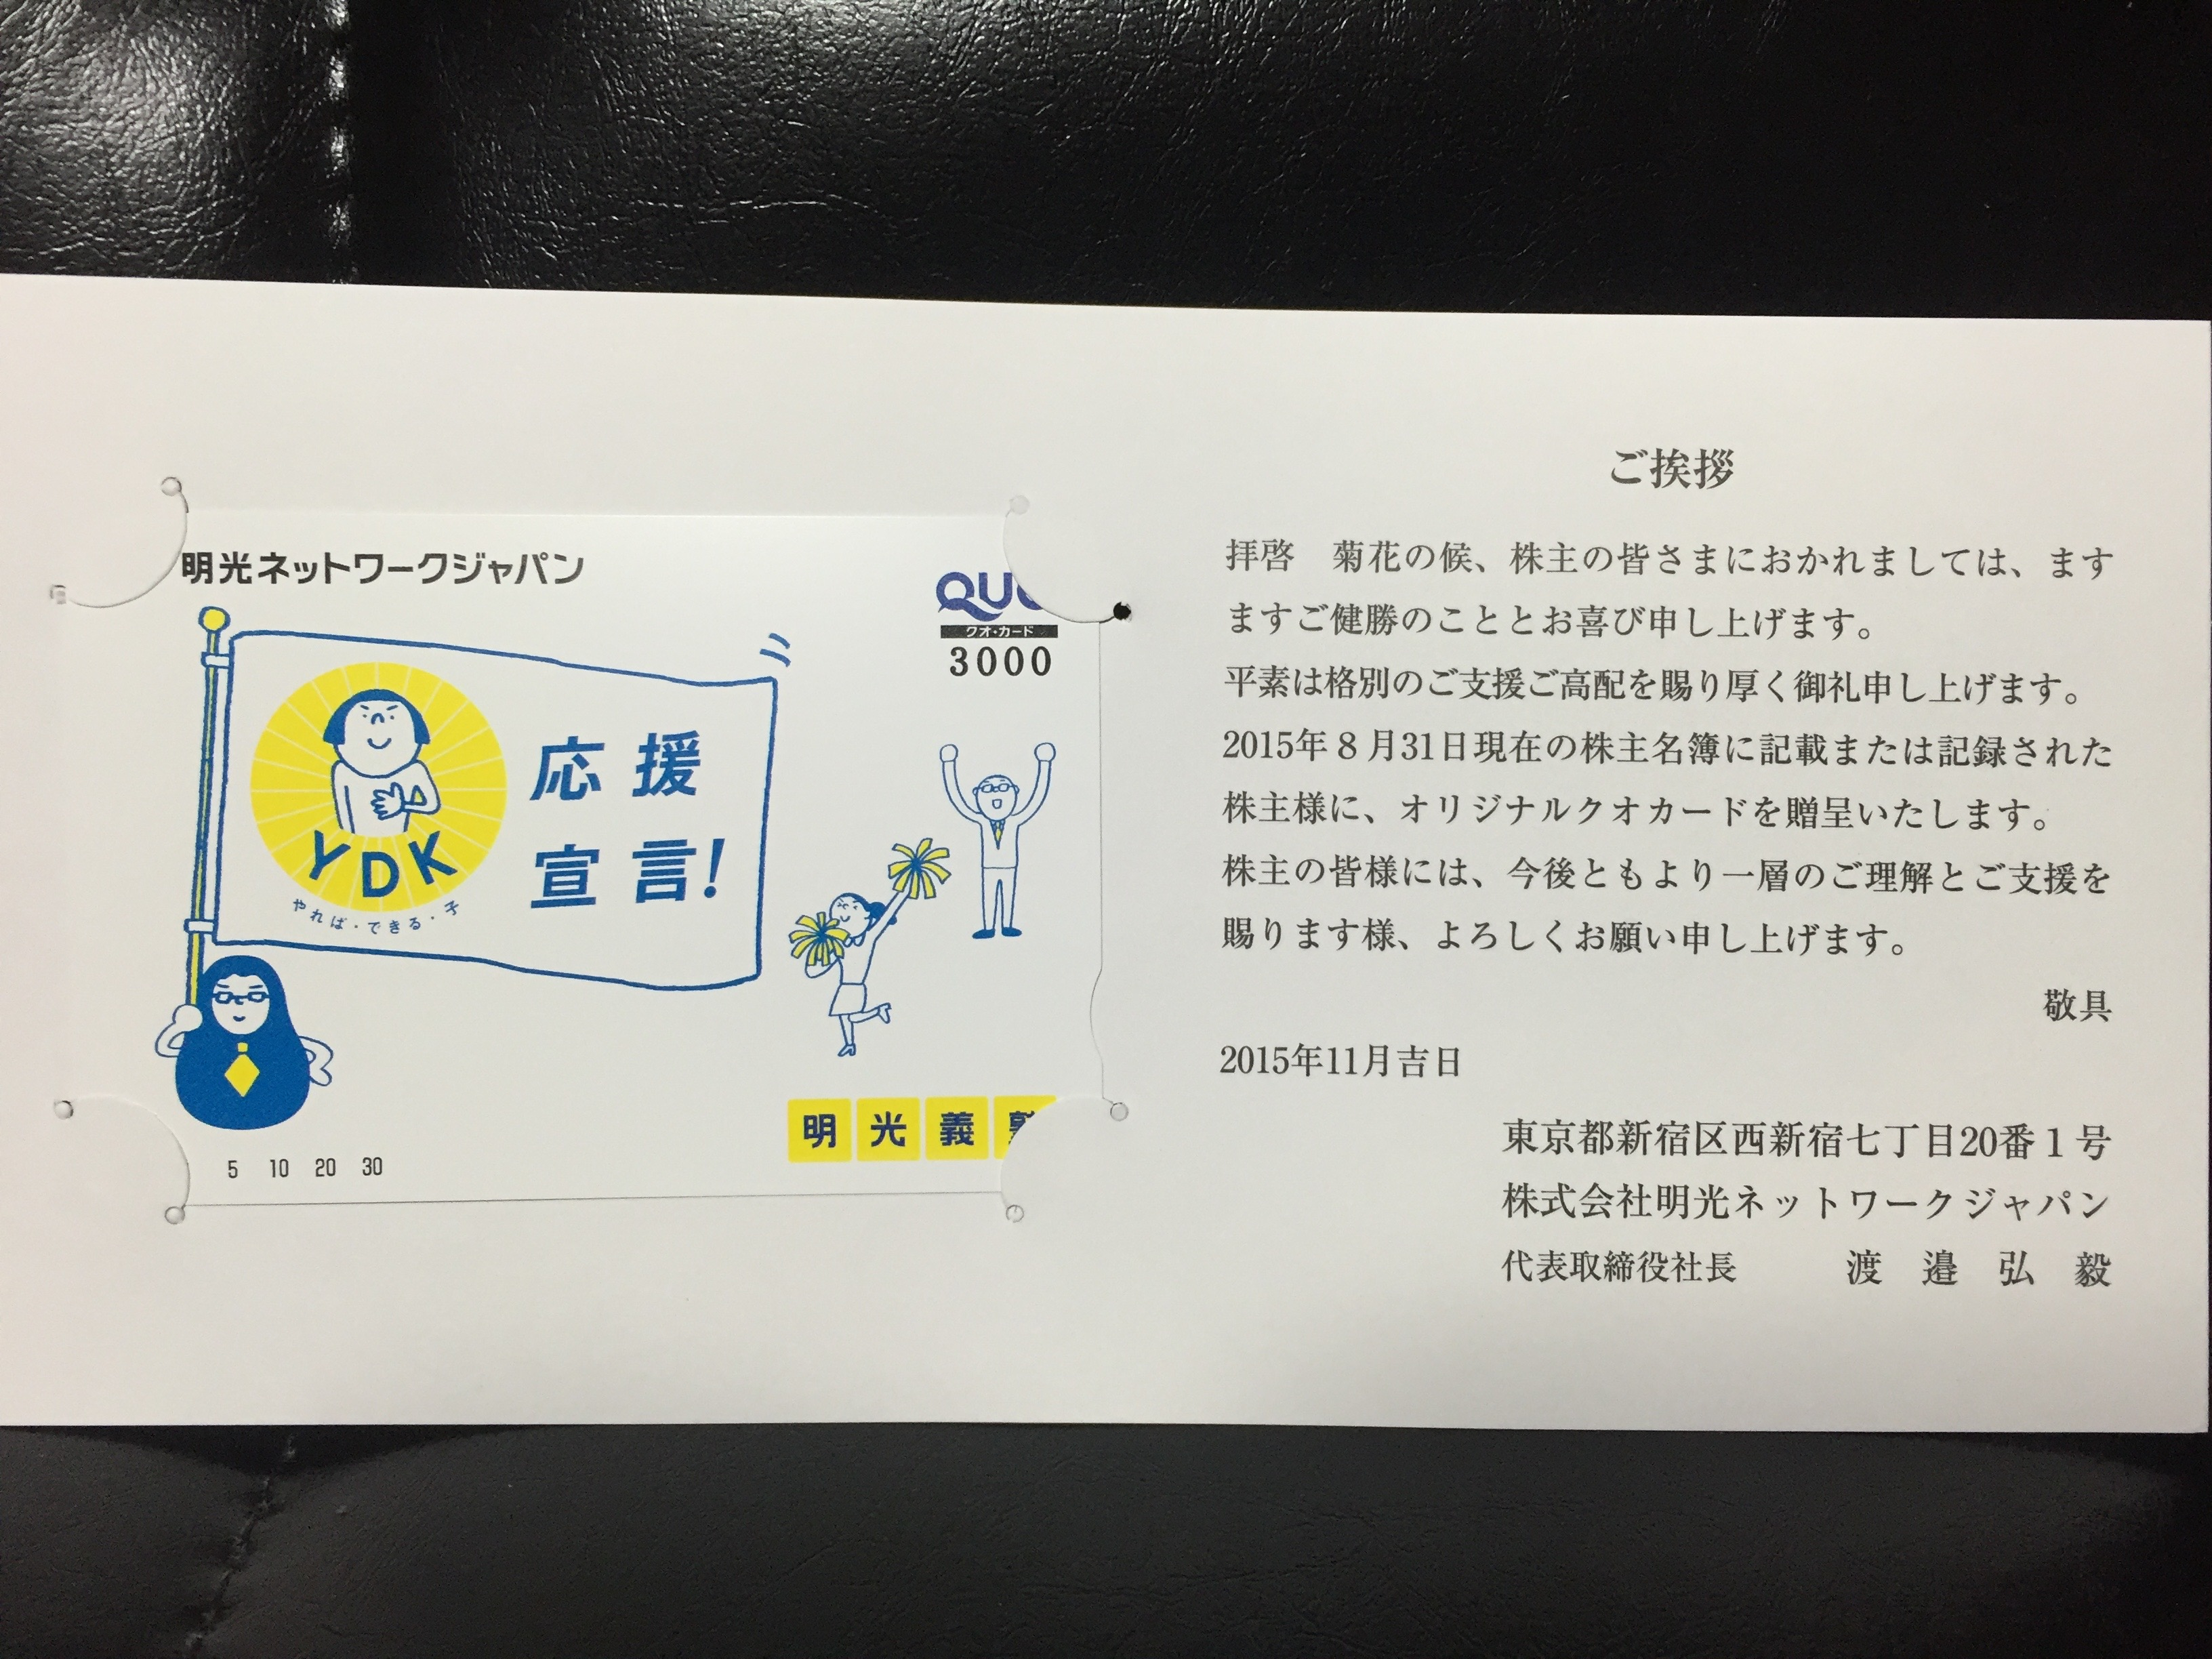 明光ネットワークジャパン(4668)の株主優待を徹底紹介!! かなり嬉しいクオカード銘柄!!